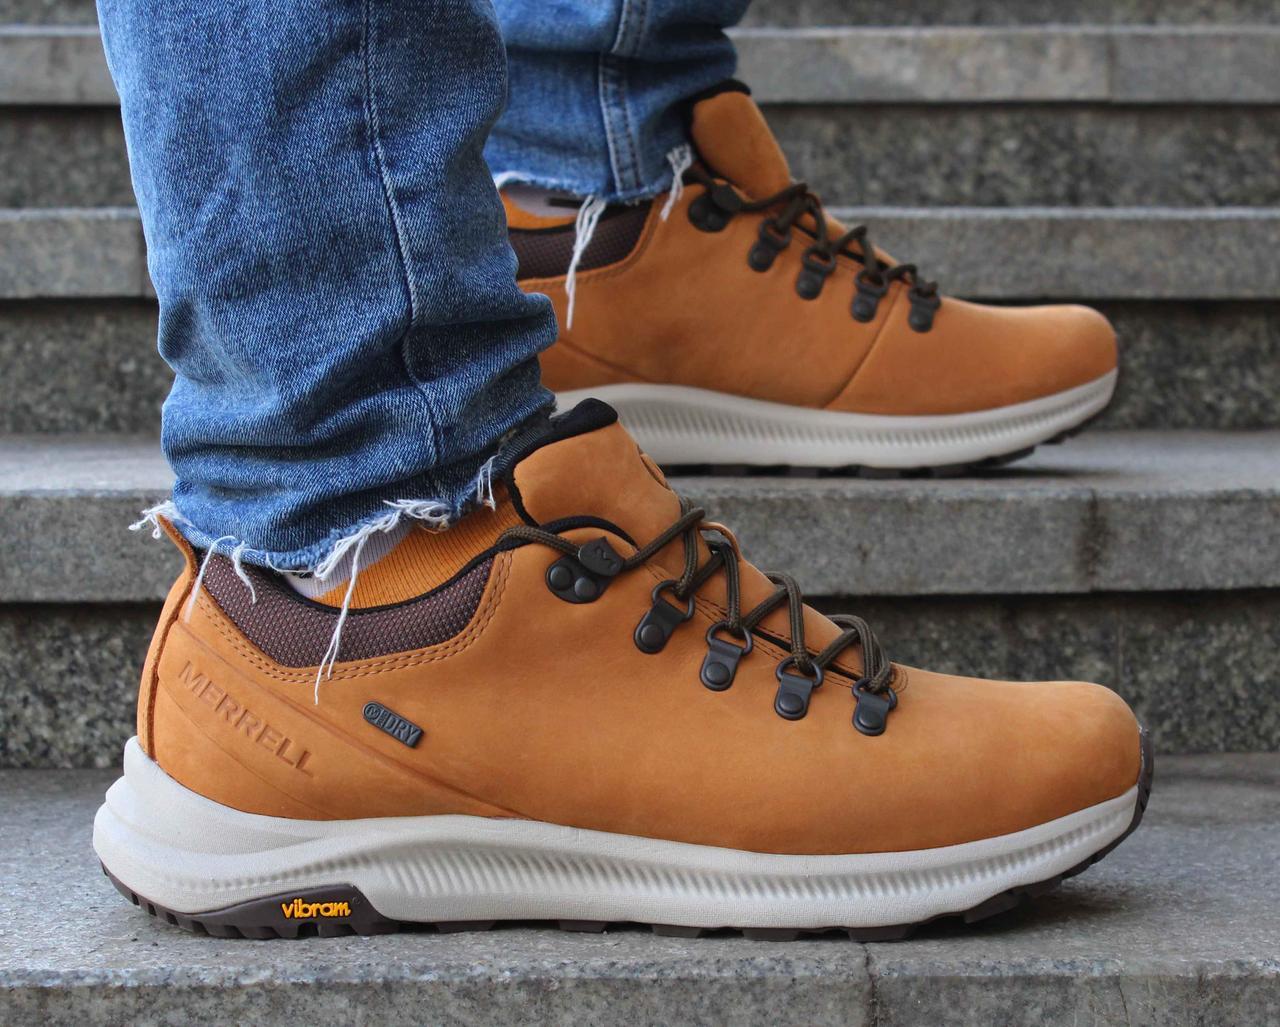 Фирменные мужские низкие зимние ботинки Merrell Ontario waterproof j84915